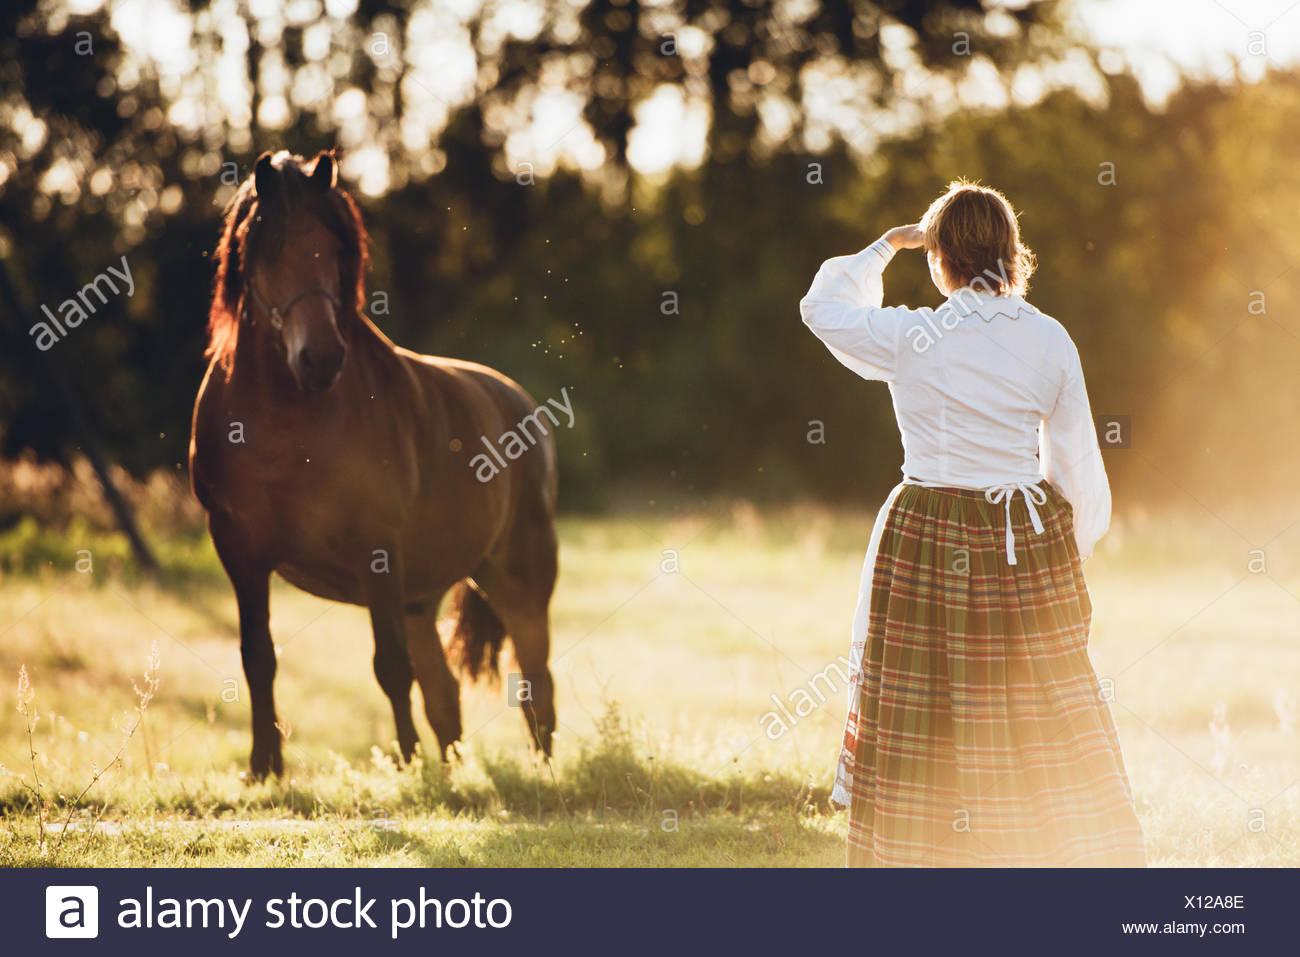 Vista posteriore della donna e cavallo in piedi sul campo Immagini Stock